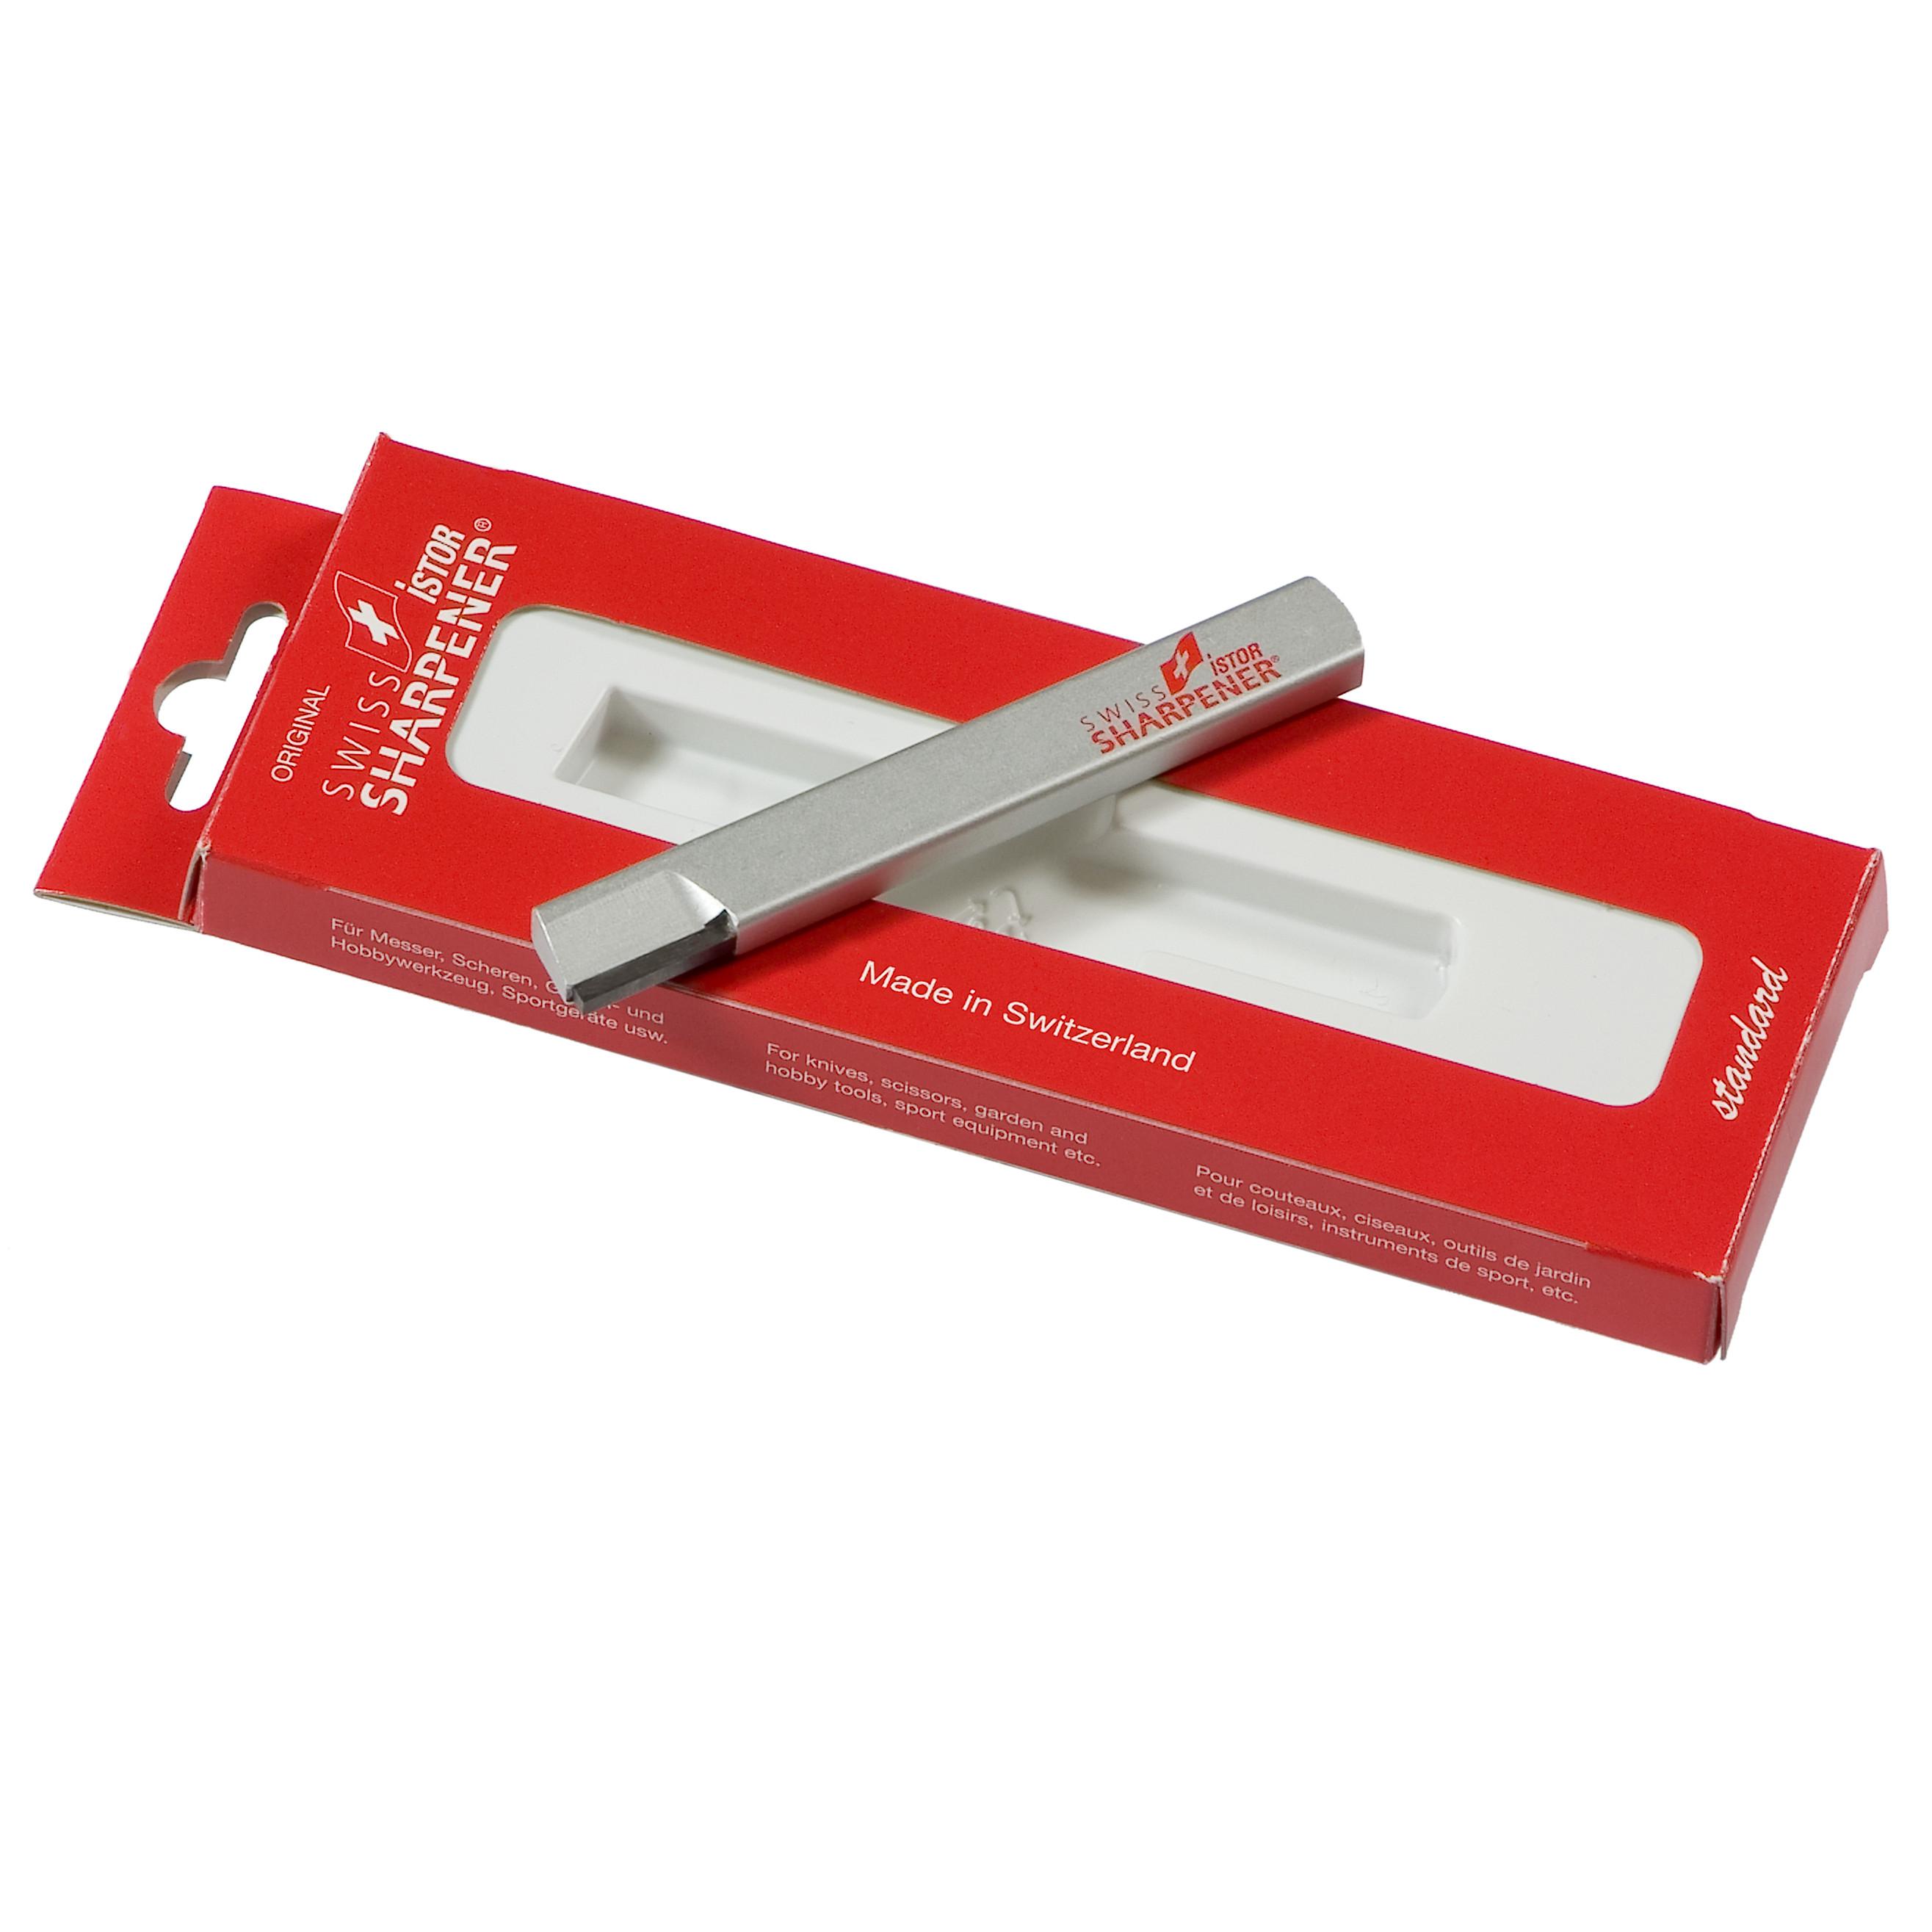 ISTOR Standard Knife Sharpener